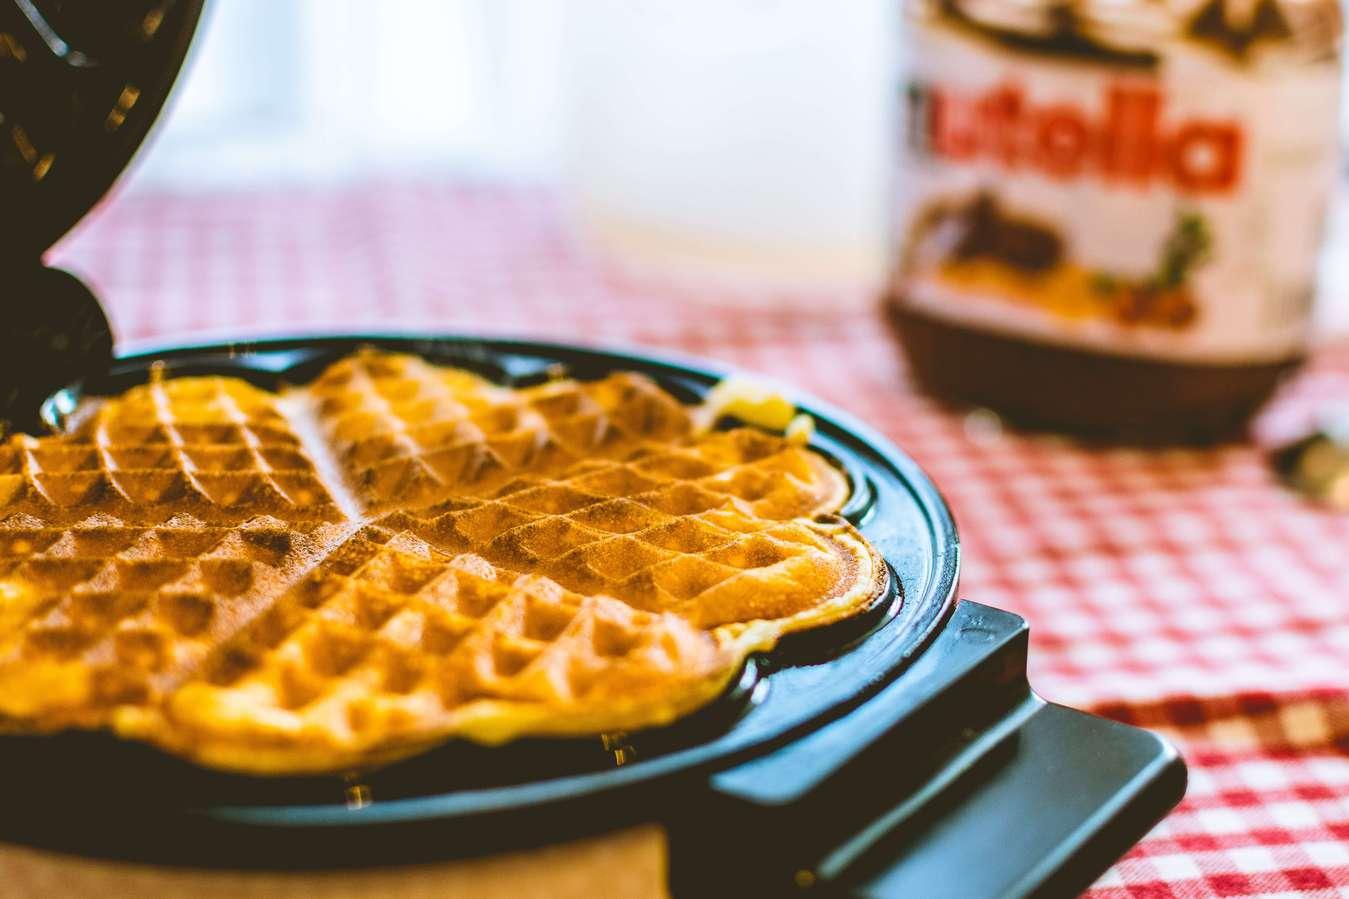 Jualan online paling laku: cetakan waffle